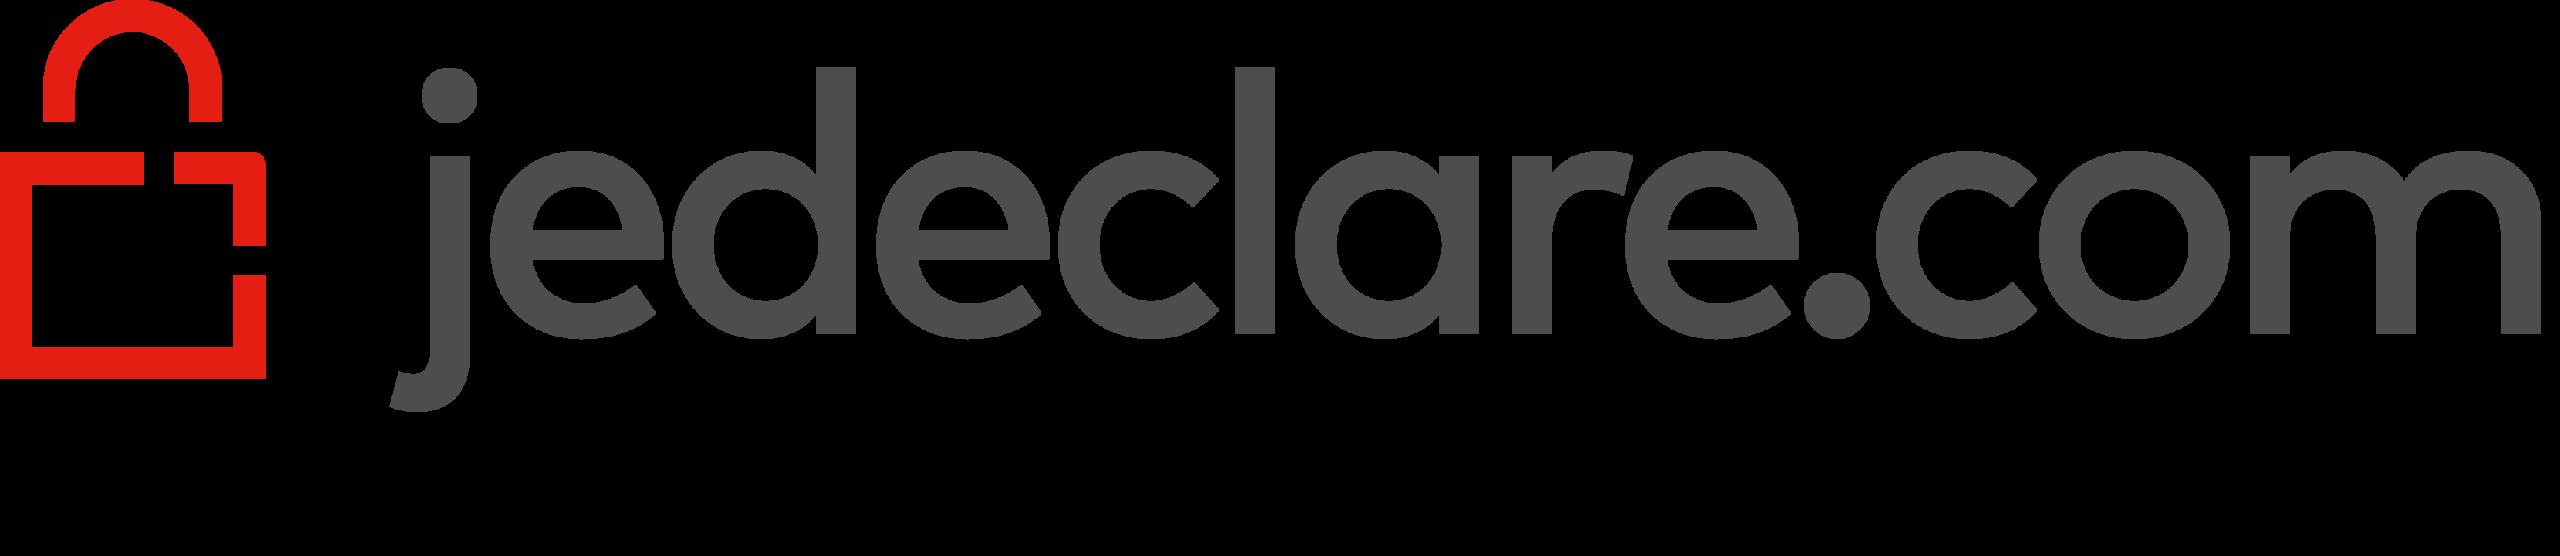 logo jedeclare.com partenaire du cabinet comptable Estelle Fontanès